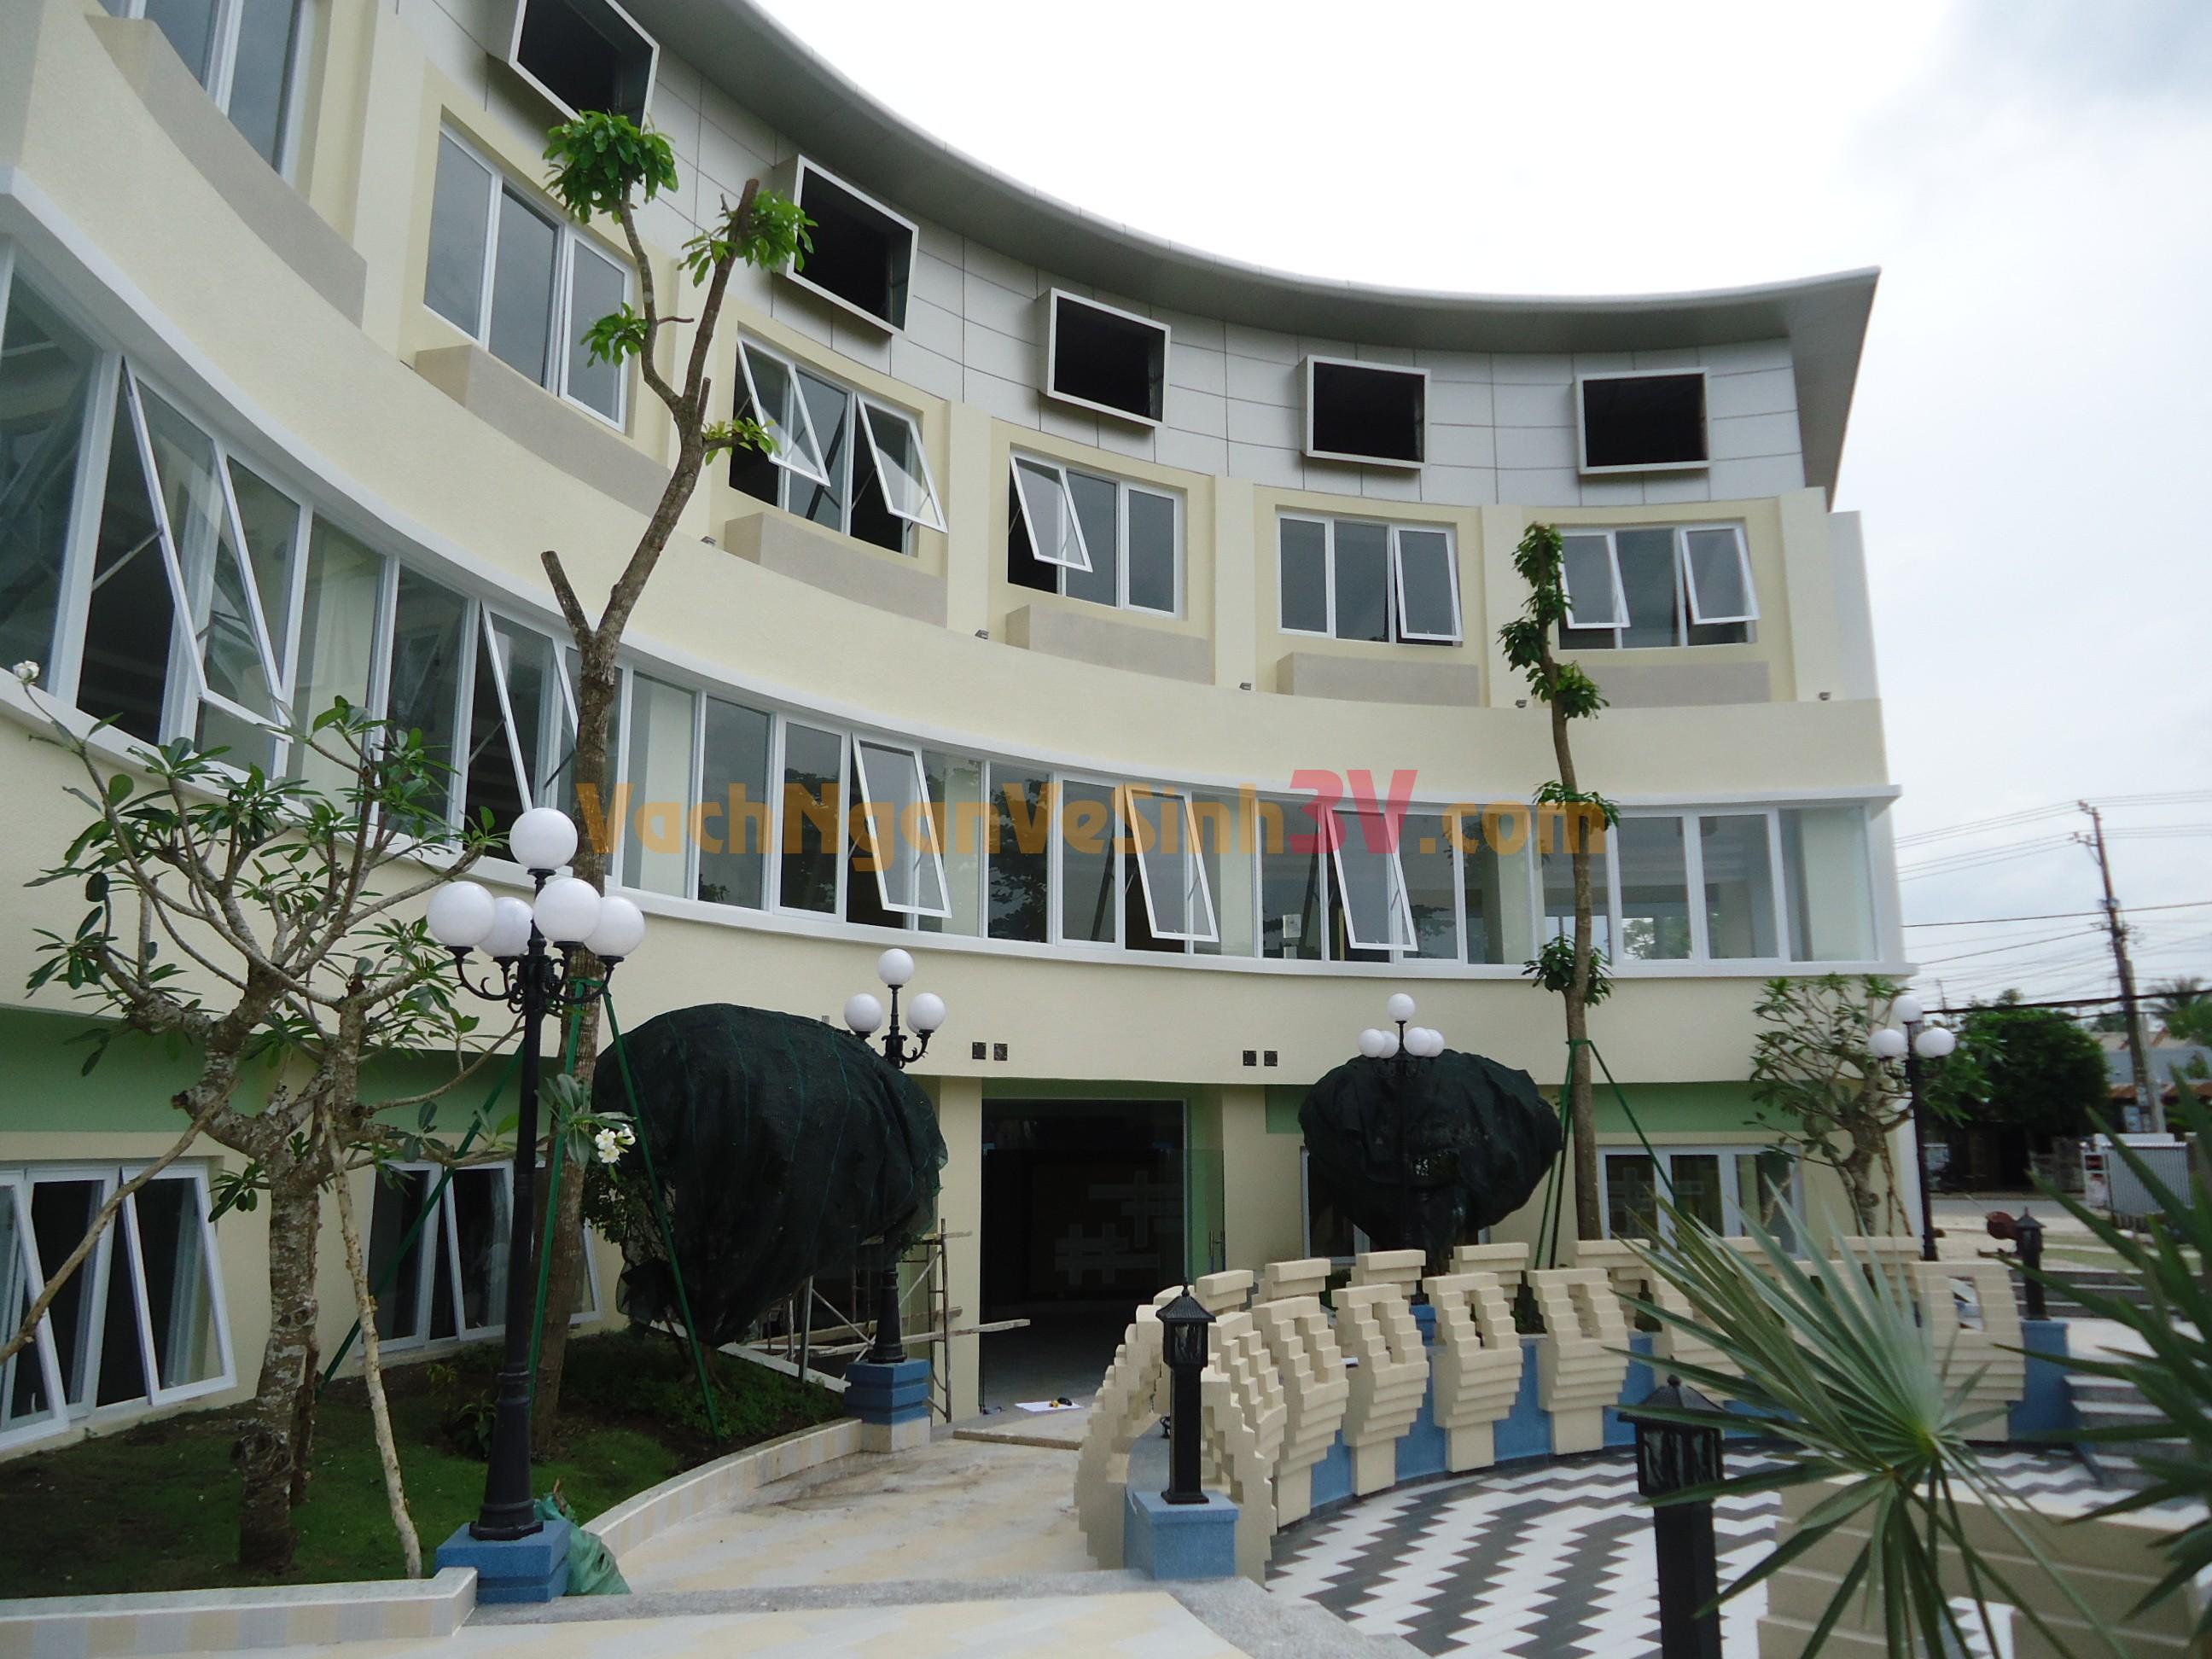 Vách ngăn vệ sinh tại quán Cafe, Thành phố Mỹ Tho, Tỉnh Tiền Giang